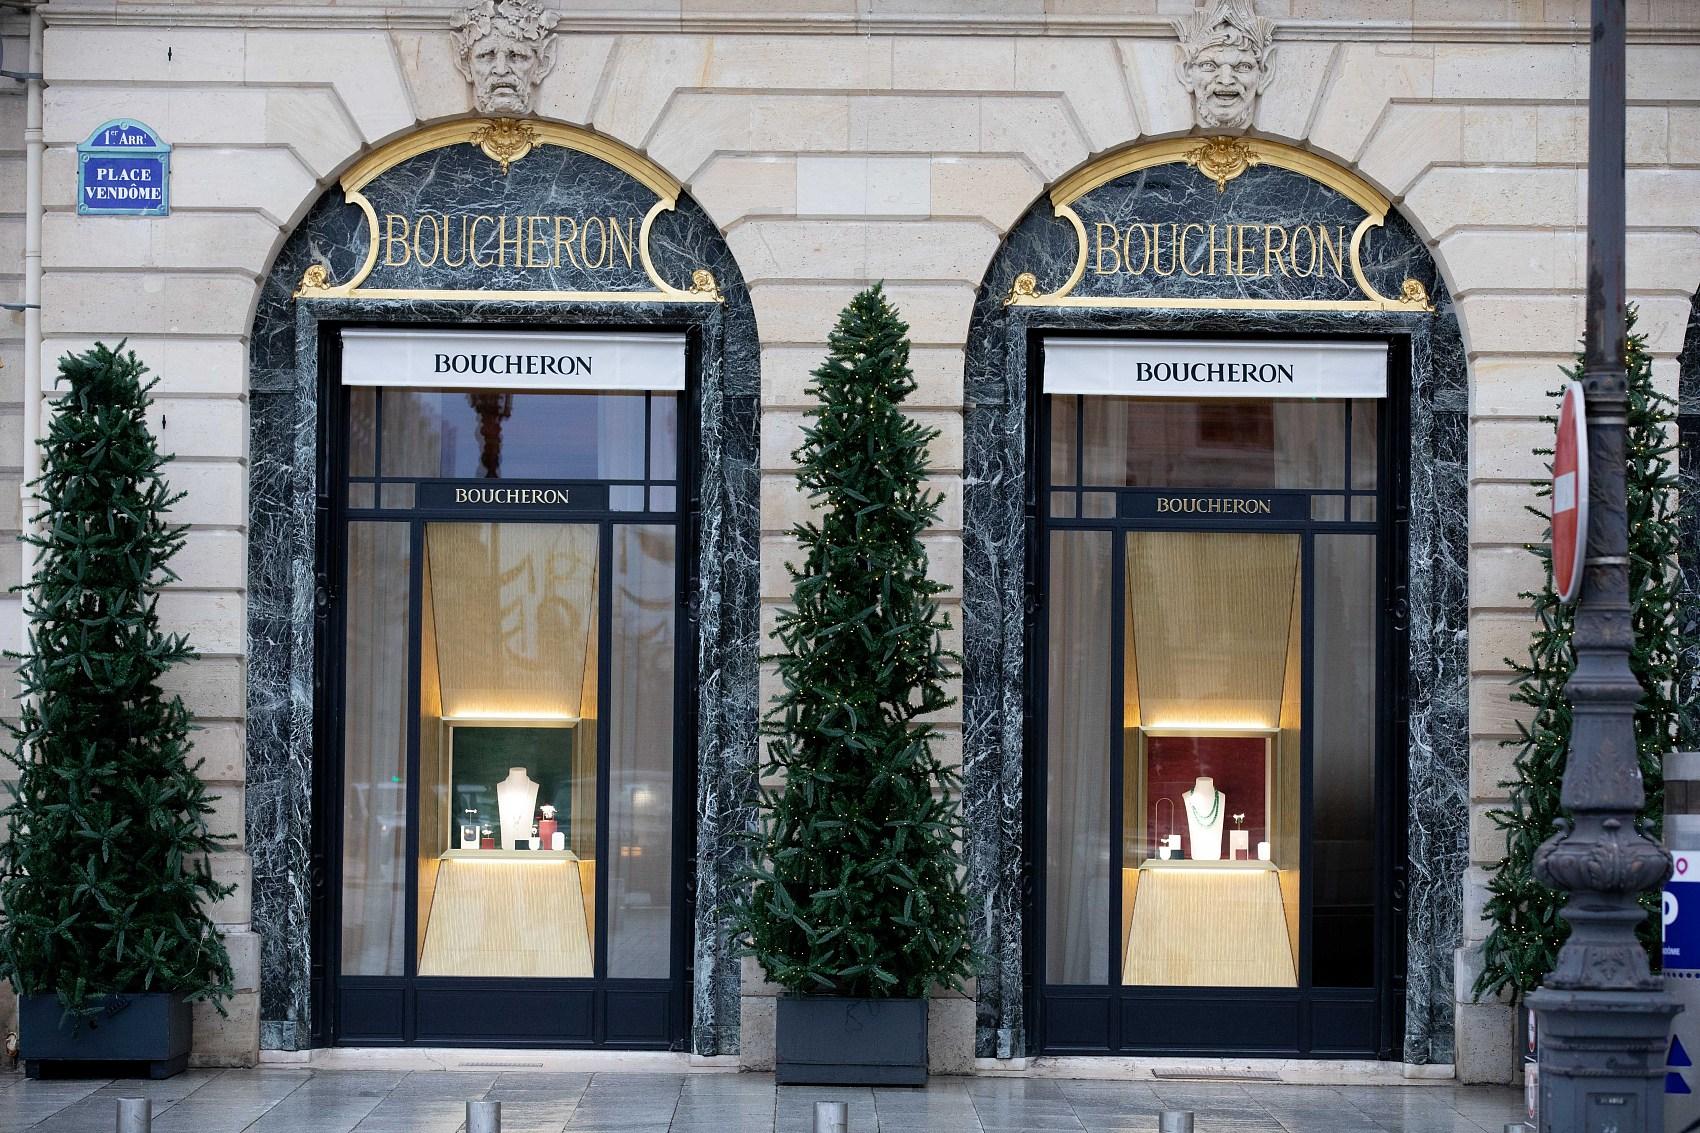 巴黎旺多姆最老一家珠宝店重张开业,Boucheron 的女CEO说:相较于历史典故,我更愿和你聊聊时尚